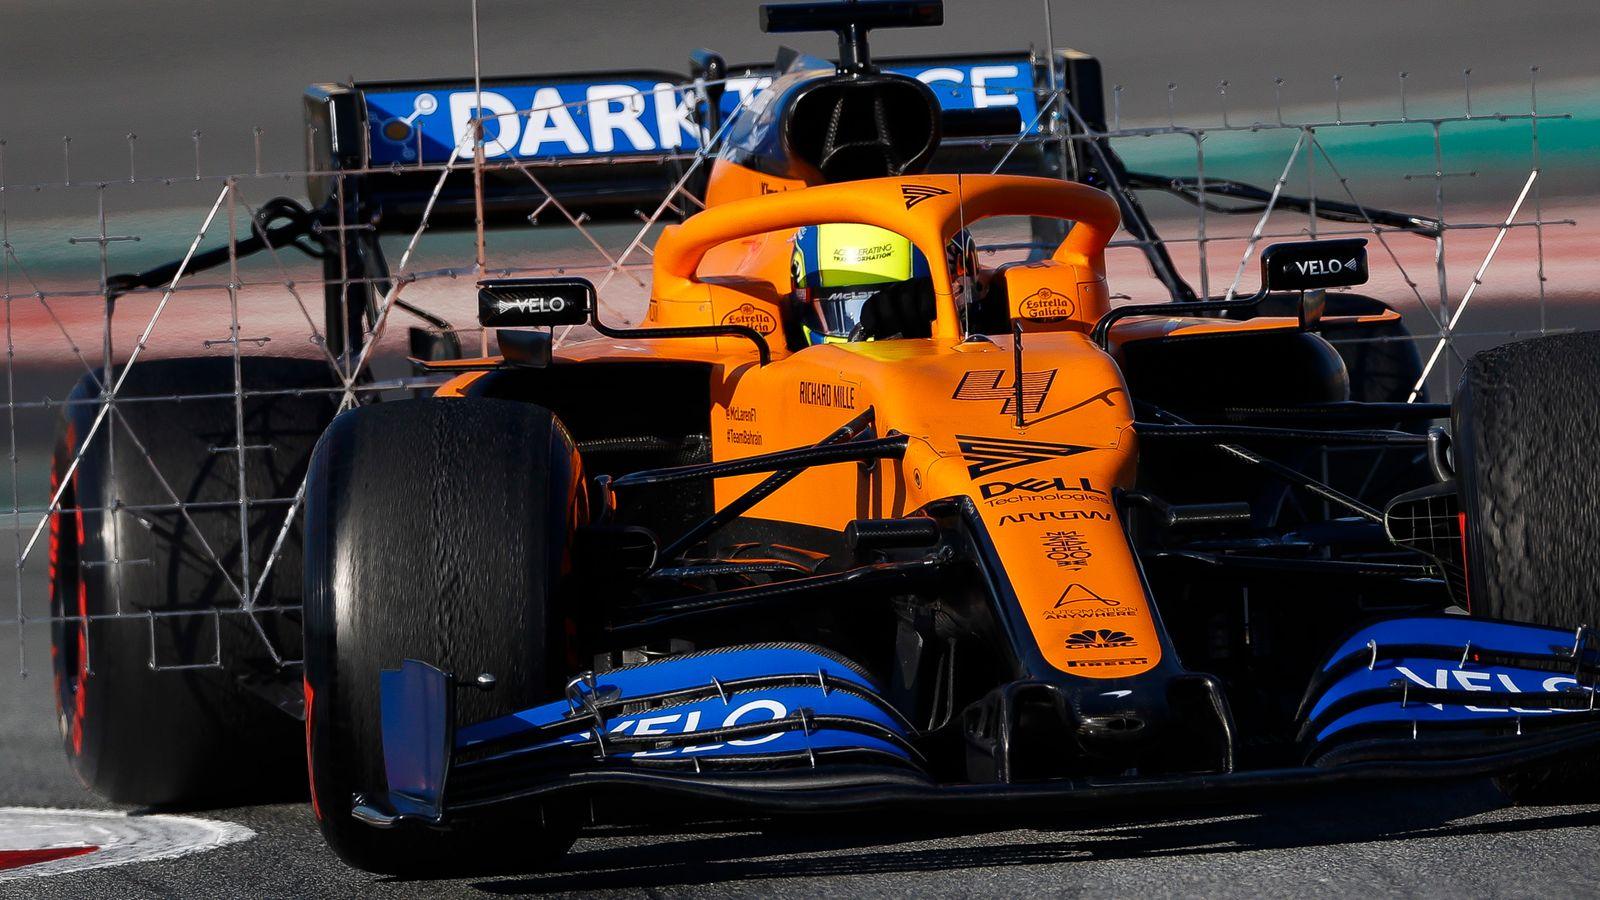 GP de Bahréin Virtual de la F1: Renault gana en medio del entretenimiento y el caos 1